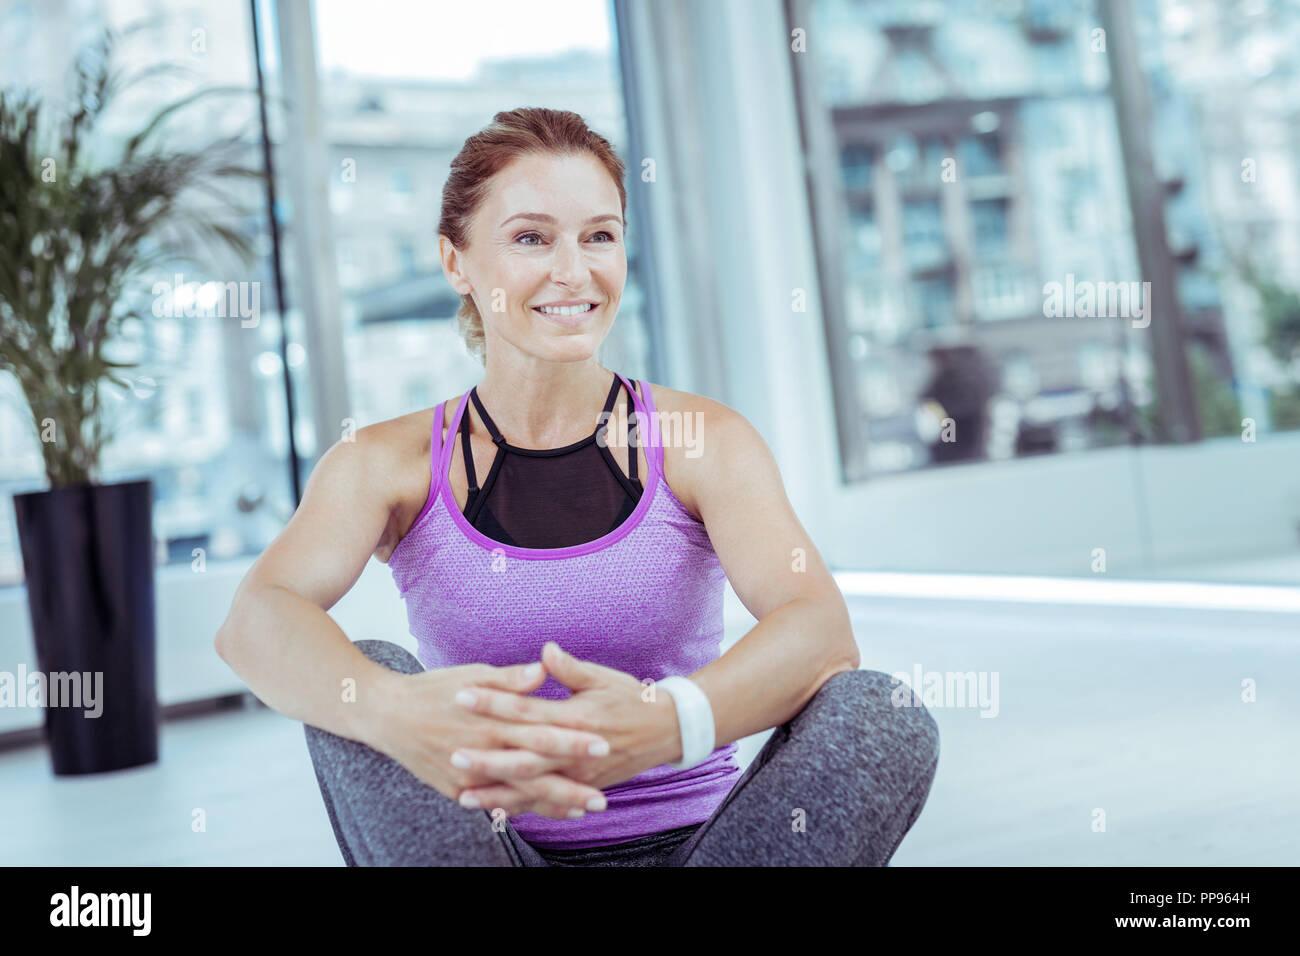 Gerne reife Frau Training jeden Tag hart Stockbild